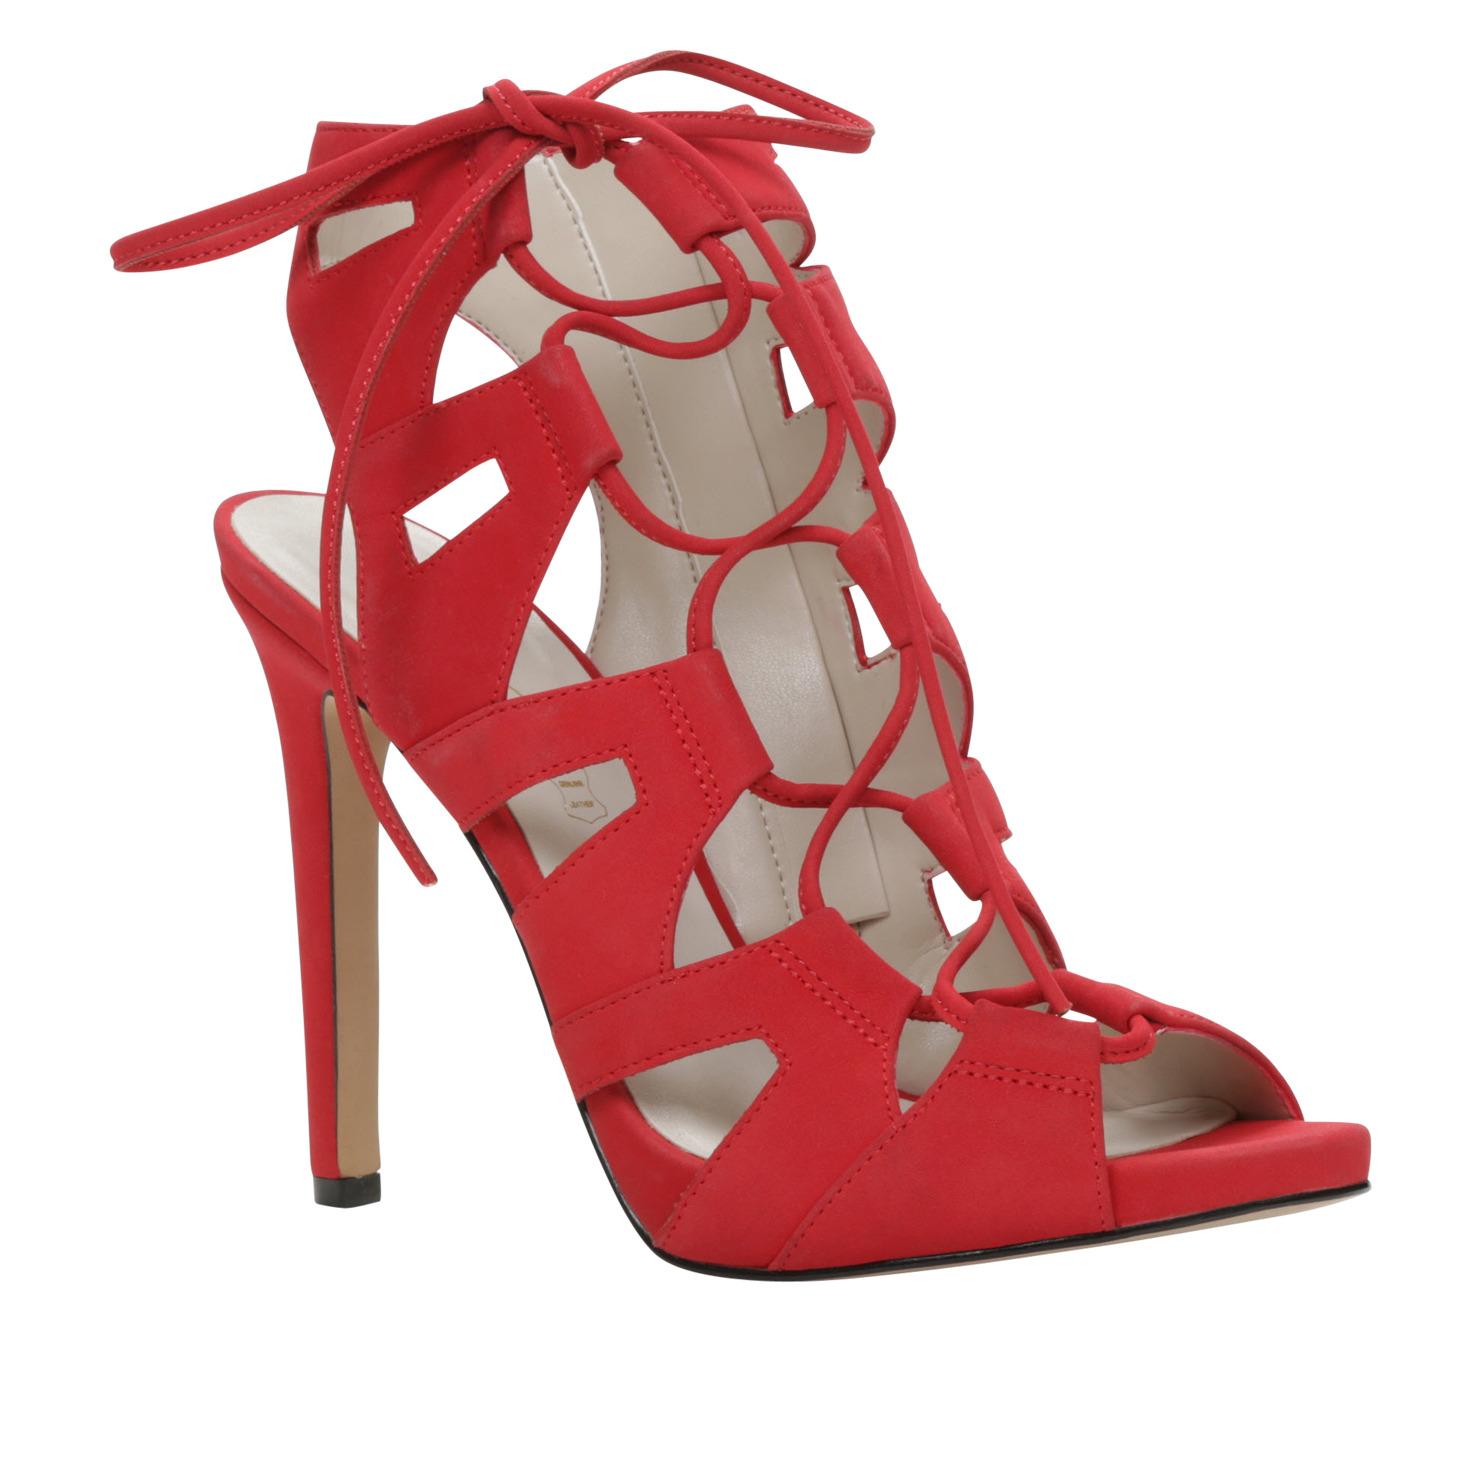 ALDO Verrasa Lace Up Sandals